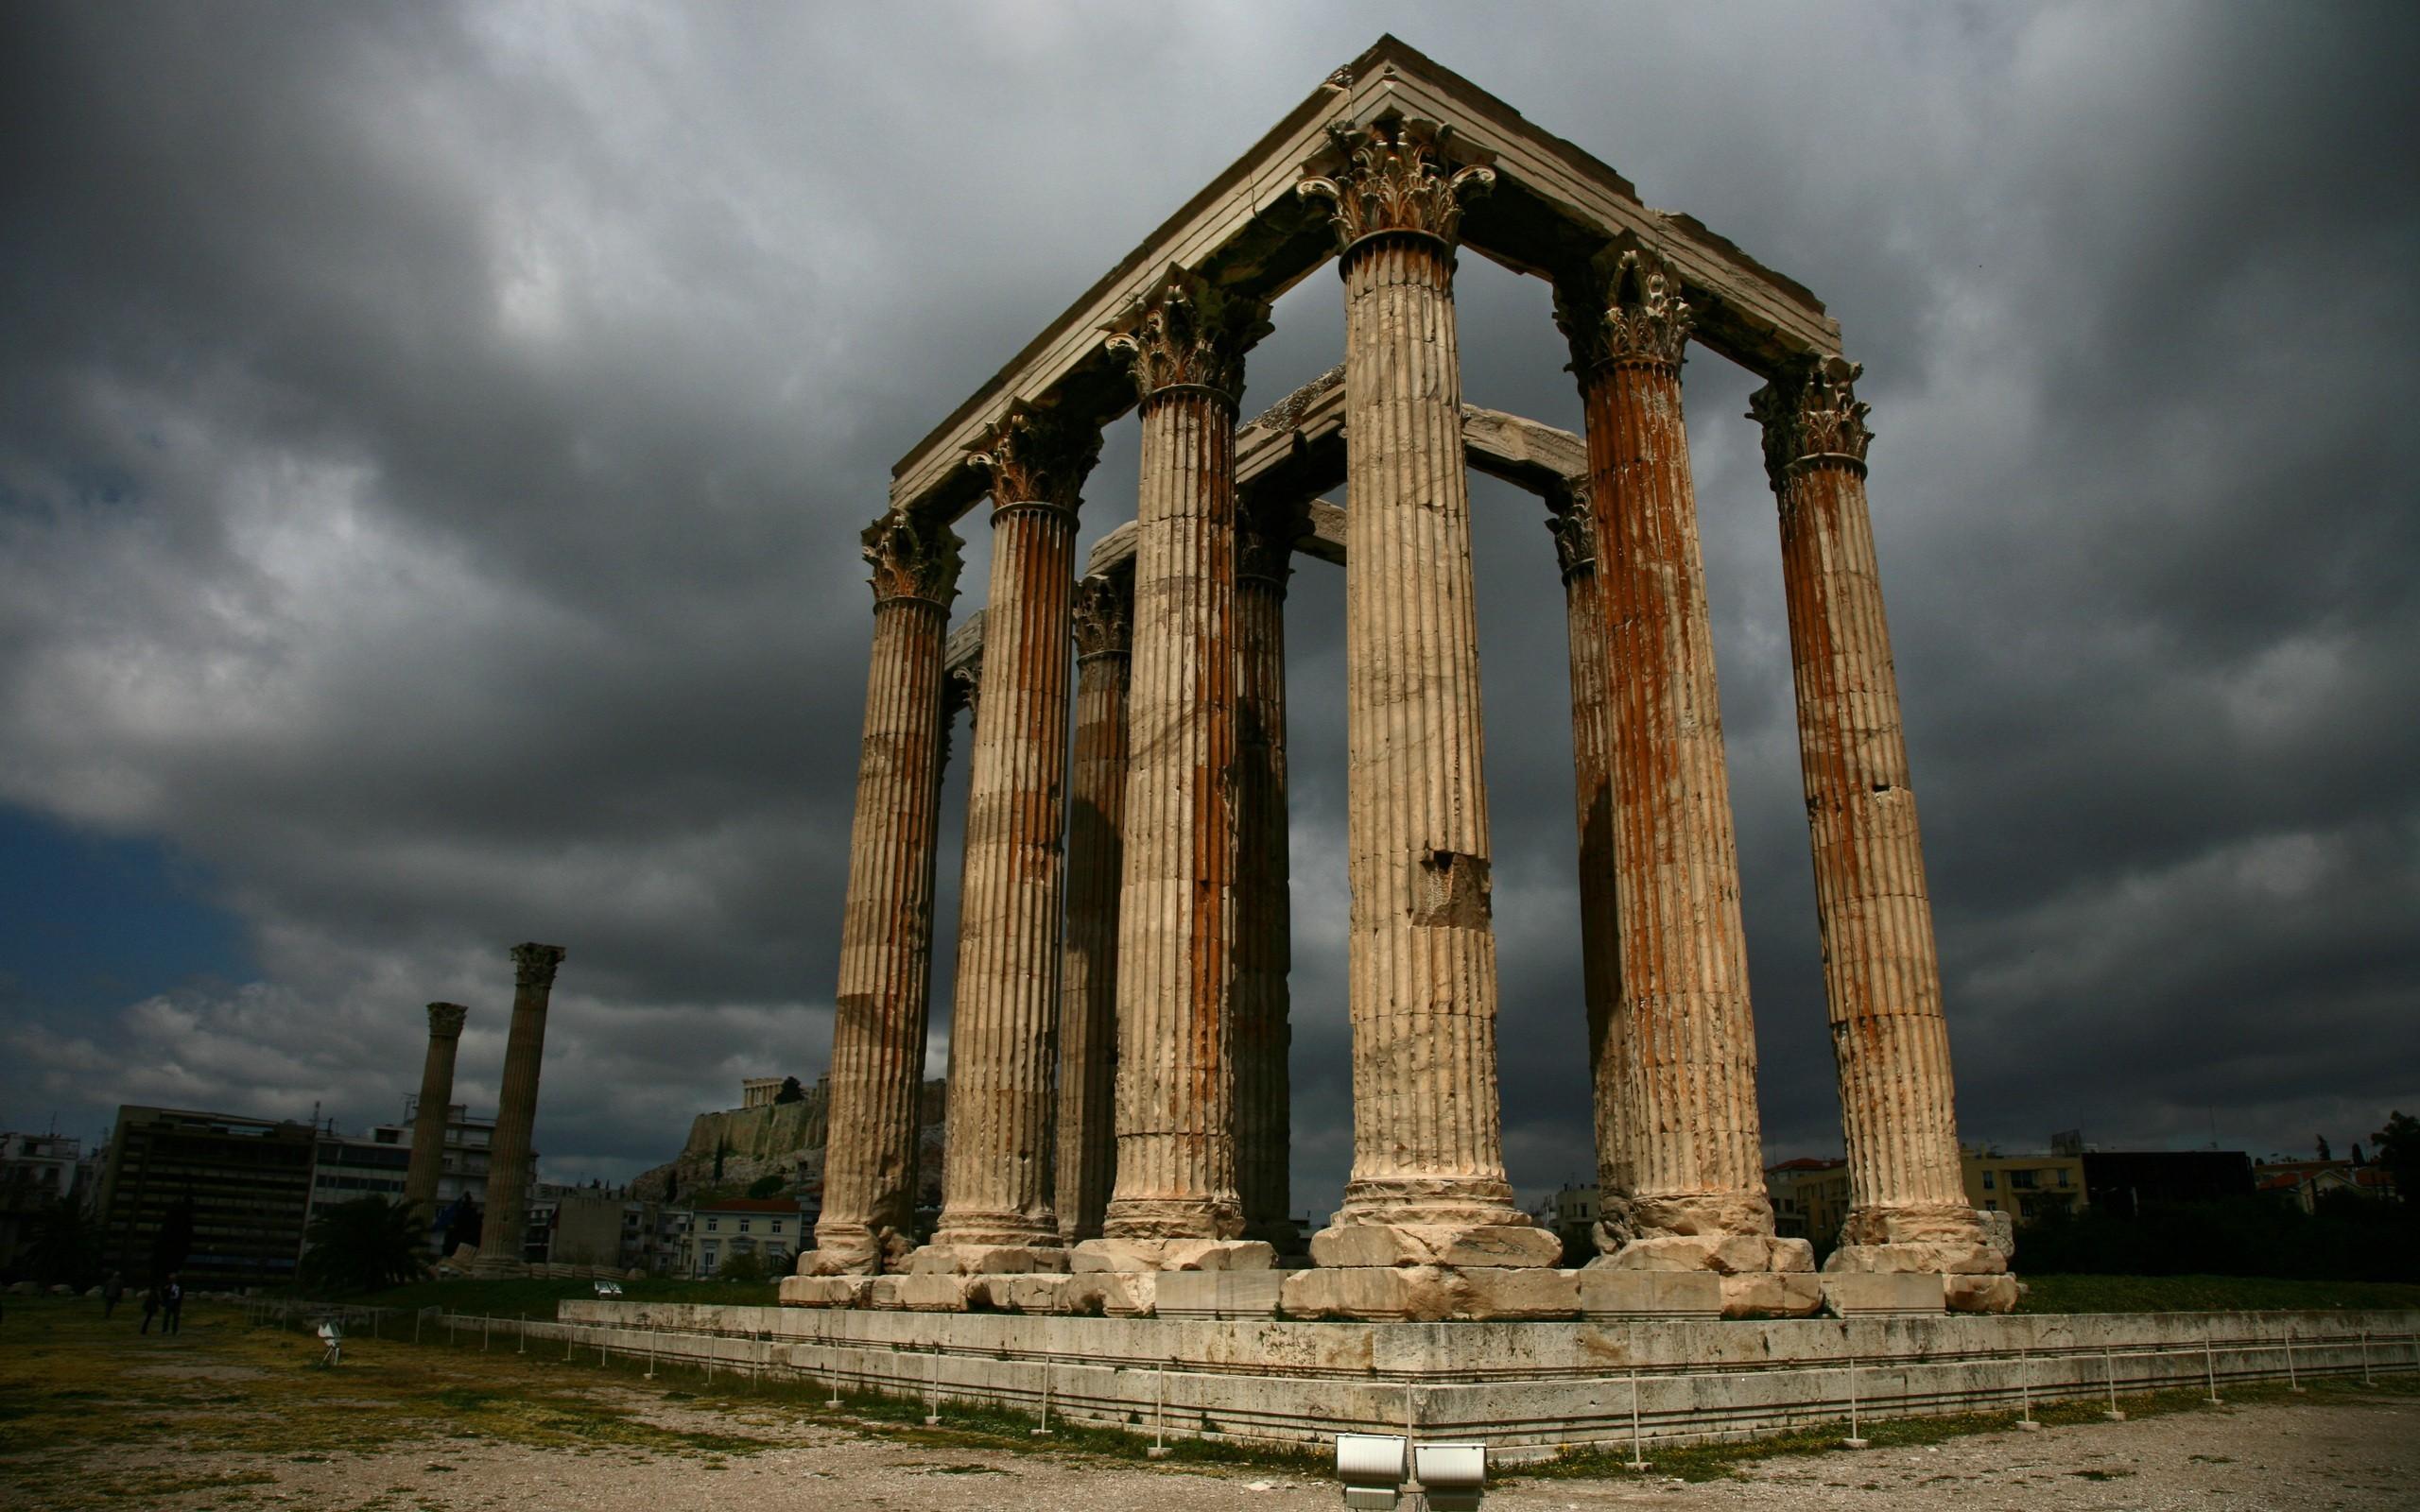 это время картинки архитектуры древней греции кот манул